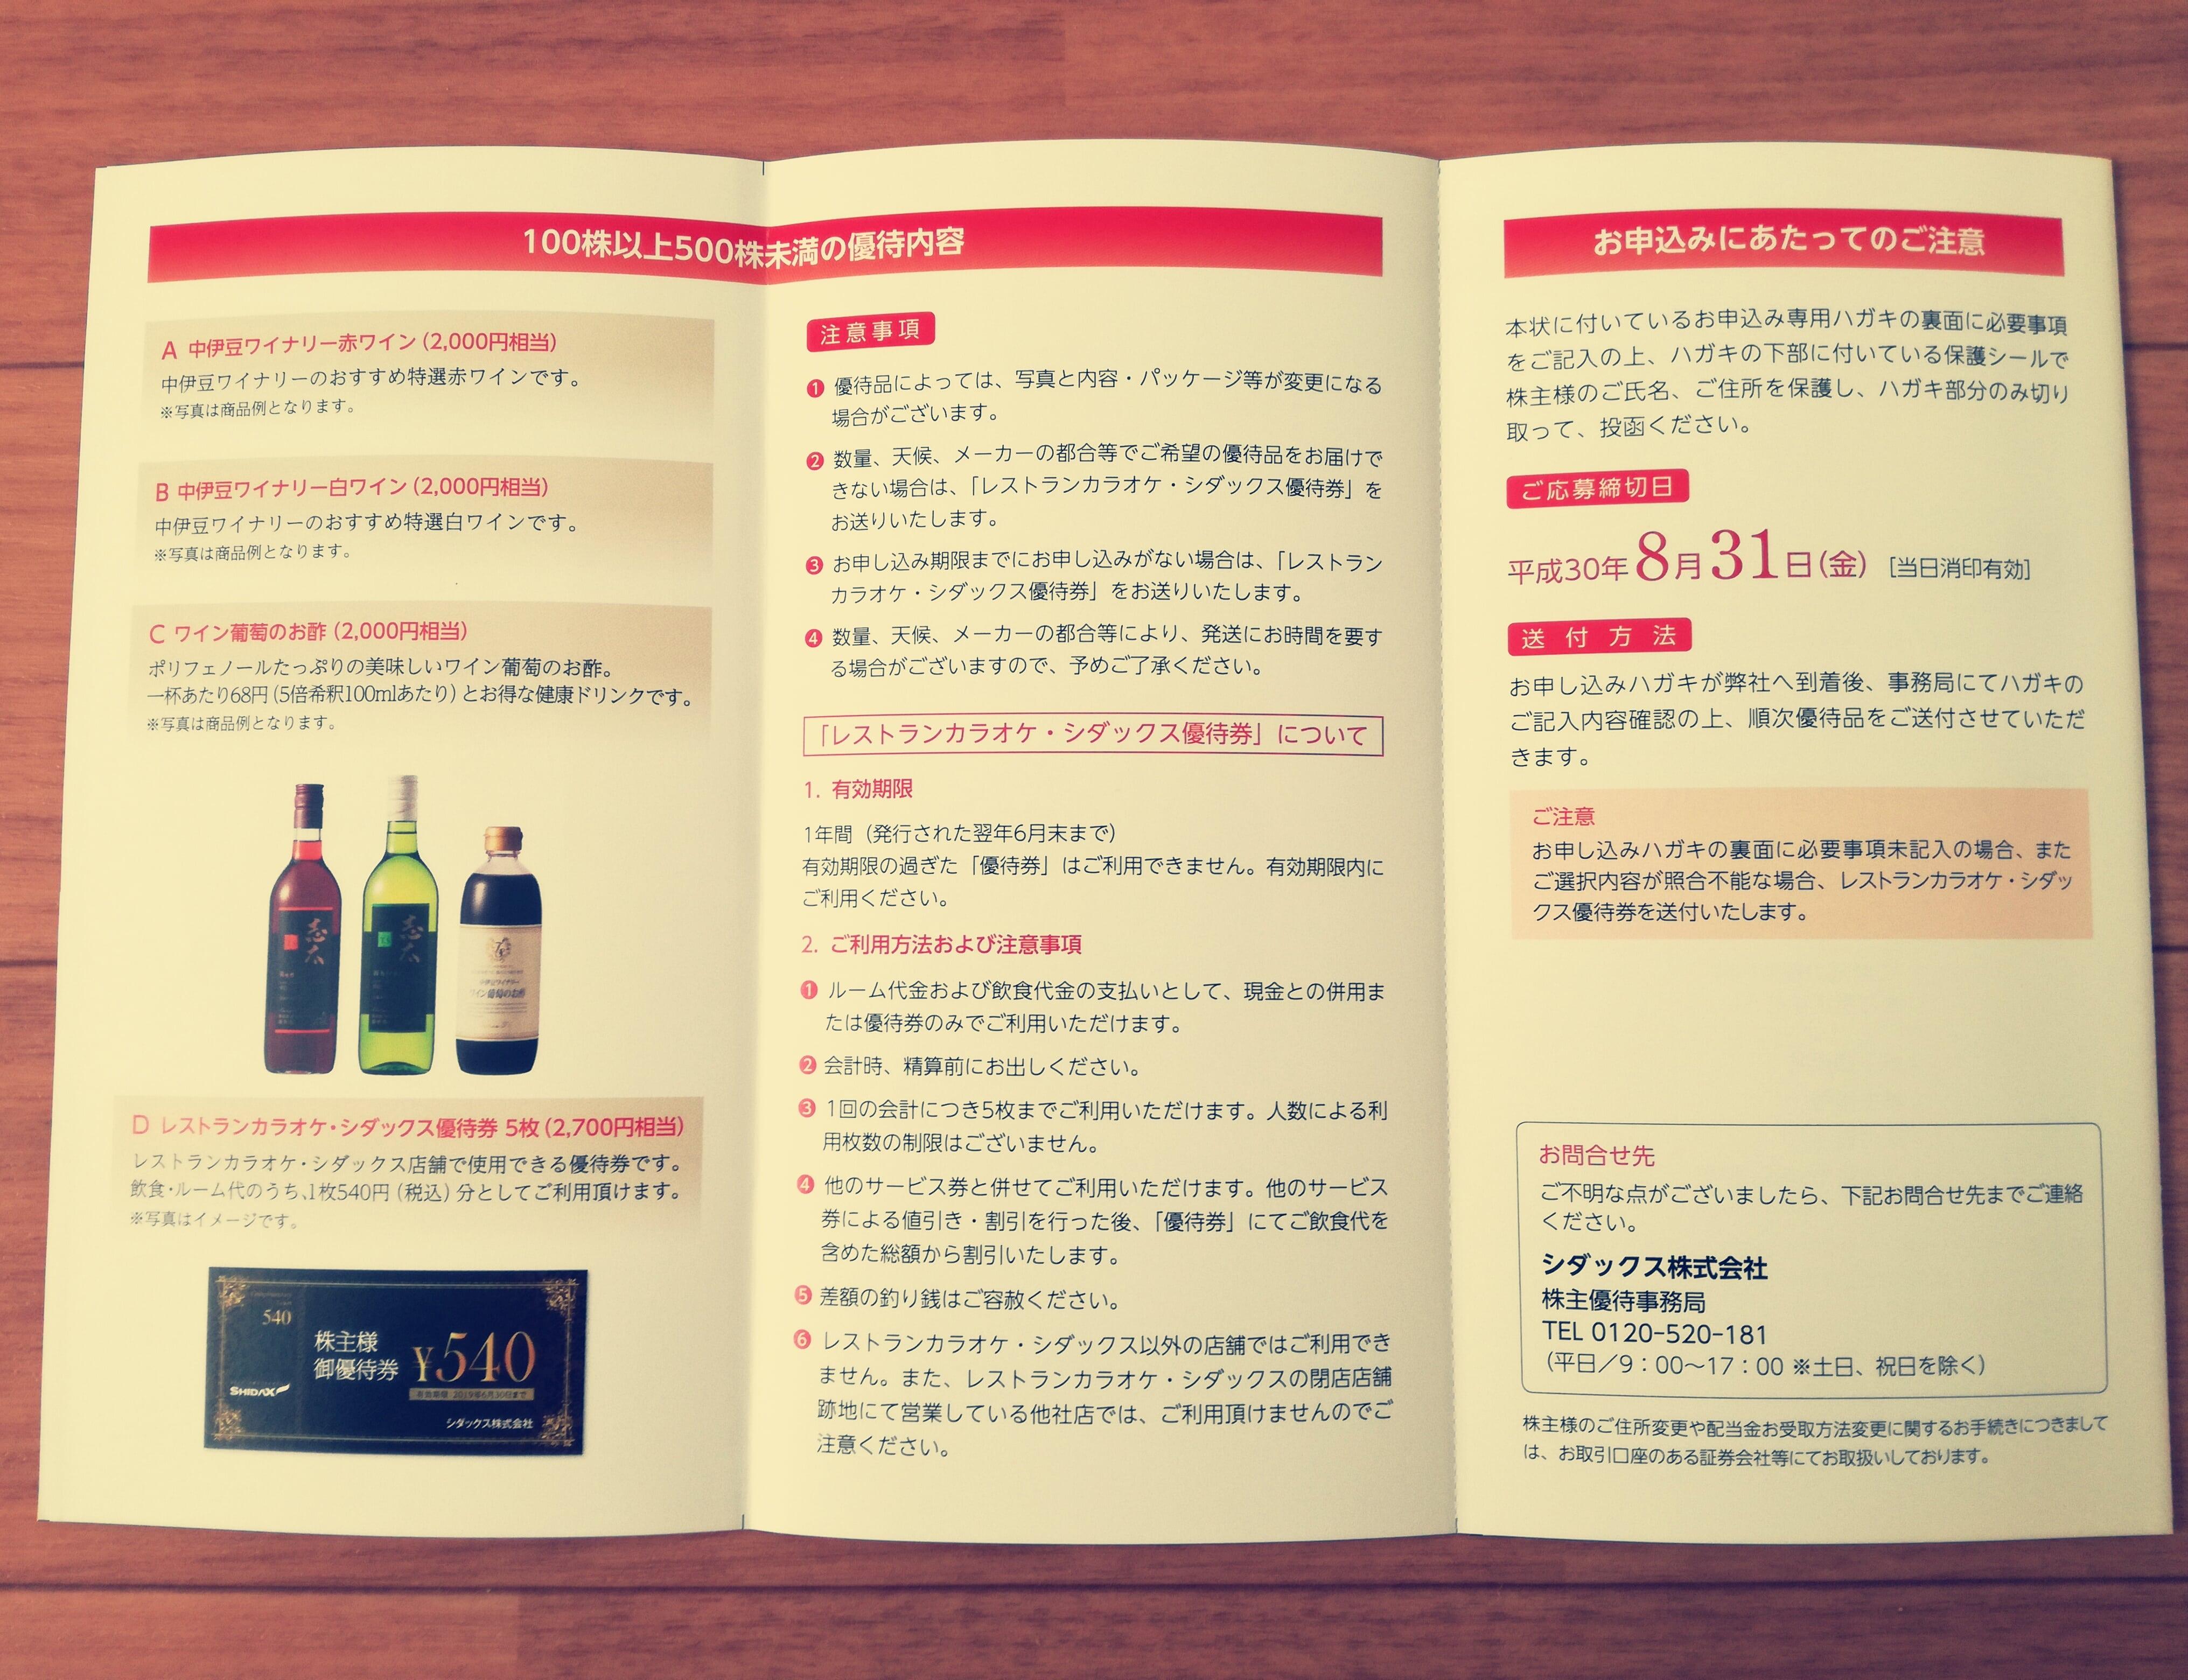 シダックス(4837)の株主優待案内到着!株主優待券ではなく白ワインを選びます!